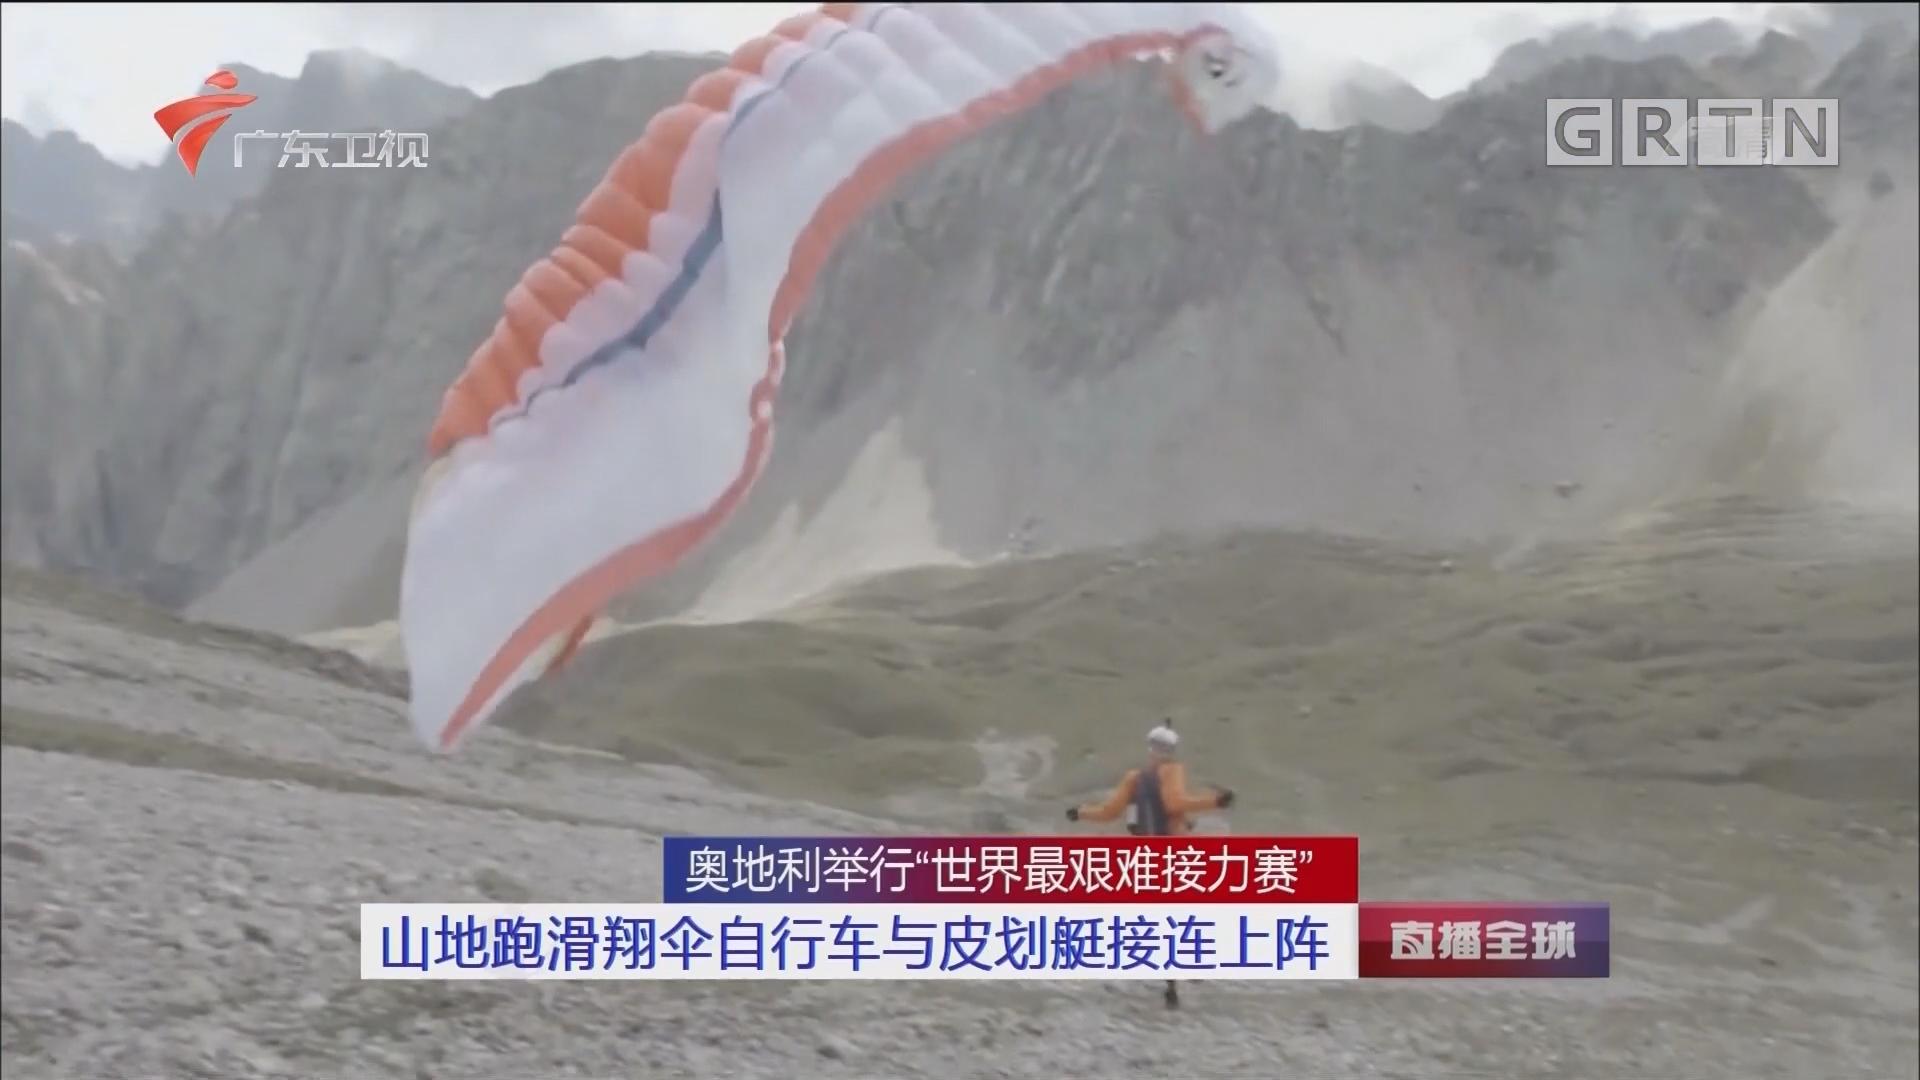 """奥地利举行""""世界最艰难接力赛"""" 山地跑滑翔伞自行车与皮划艇接连上阵"""